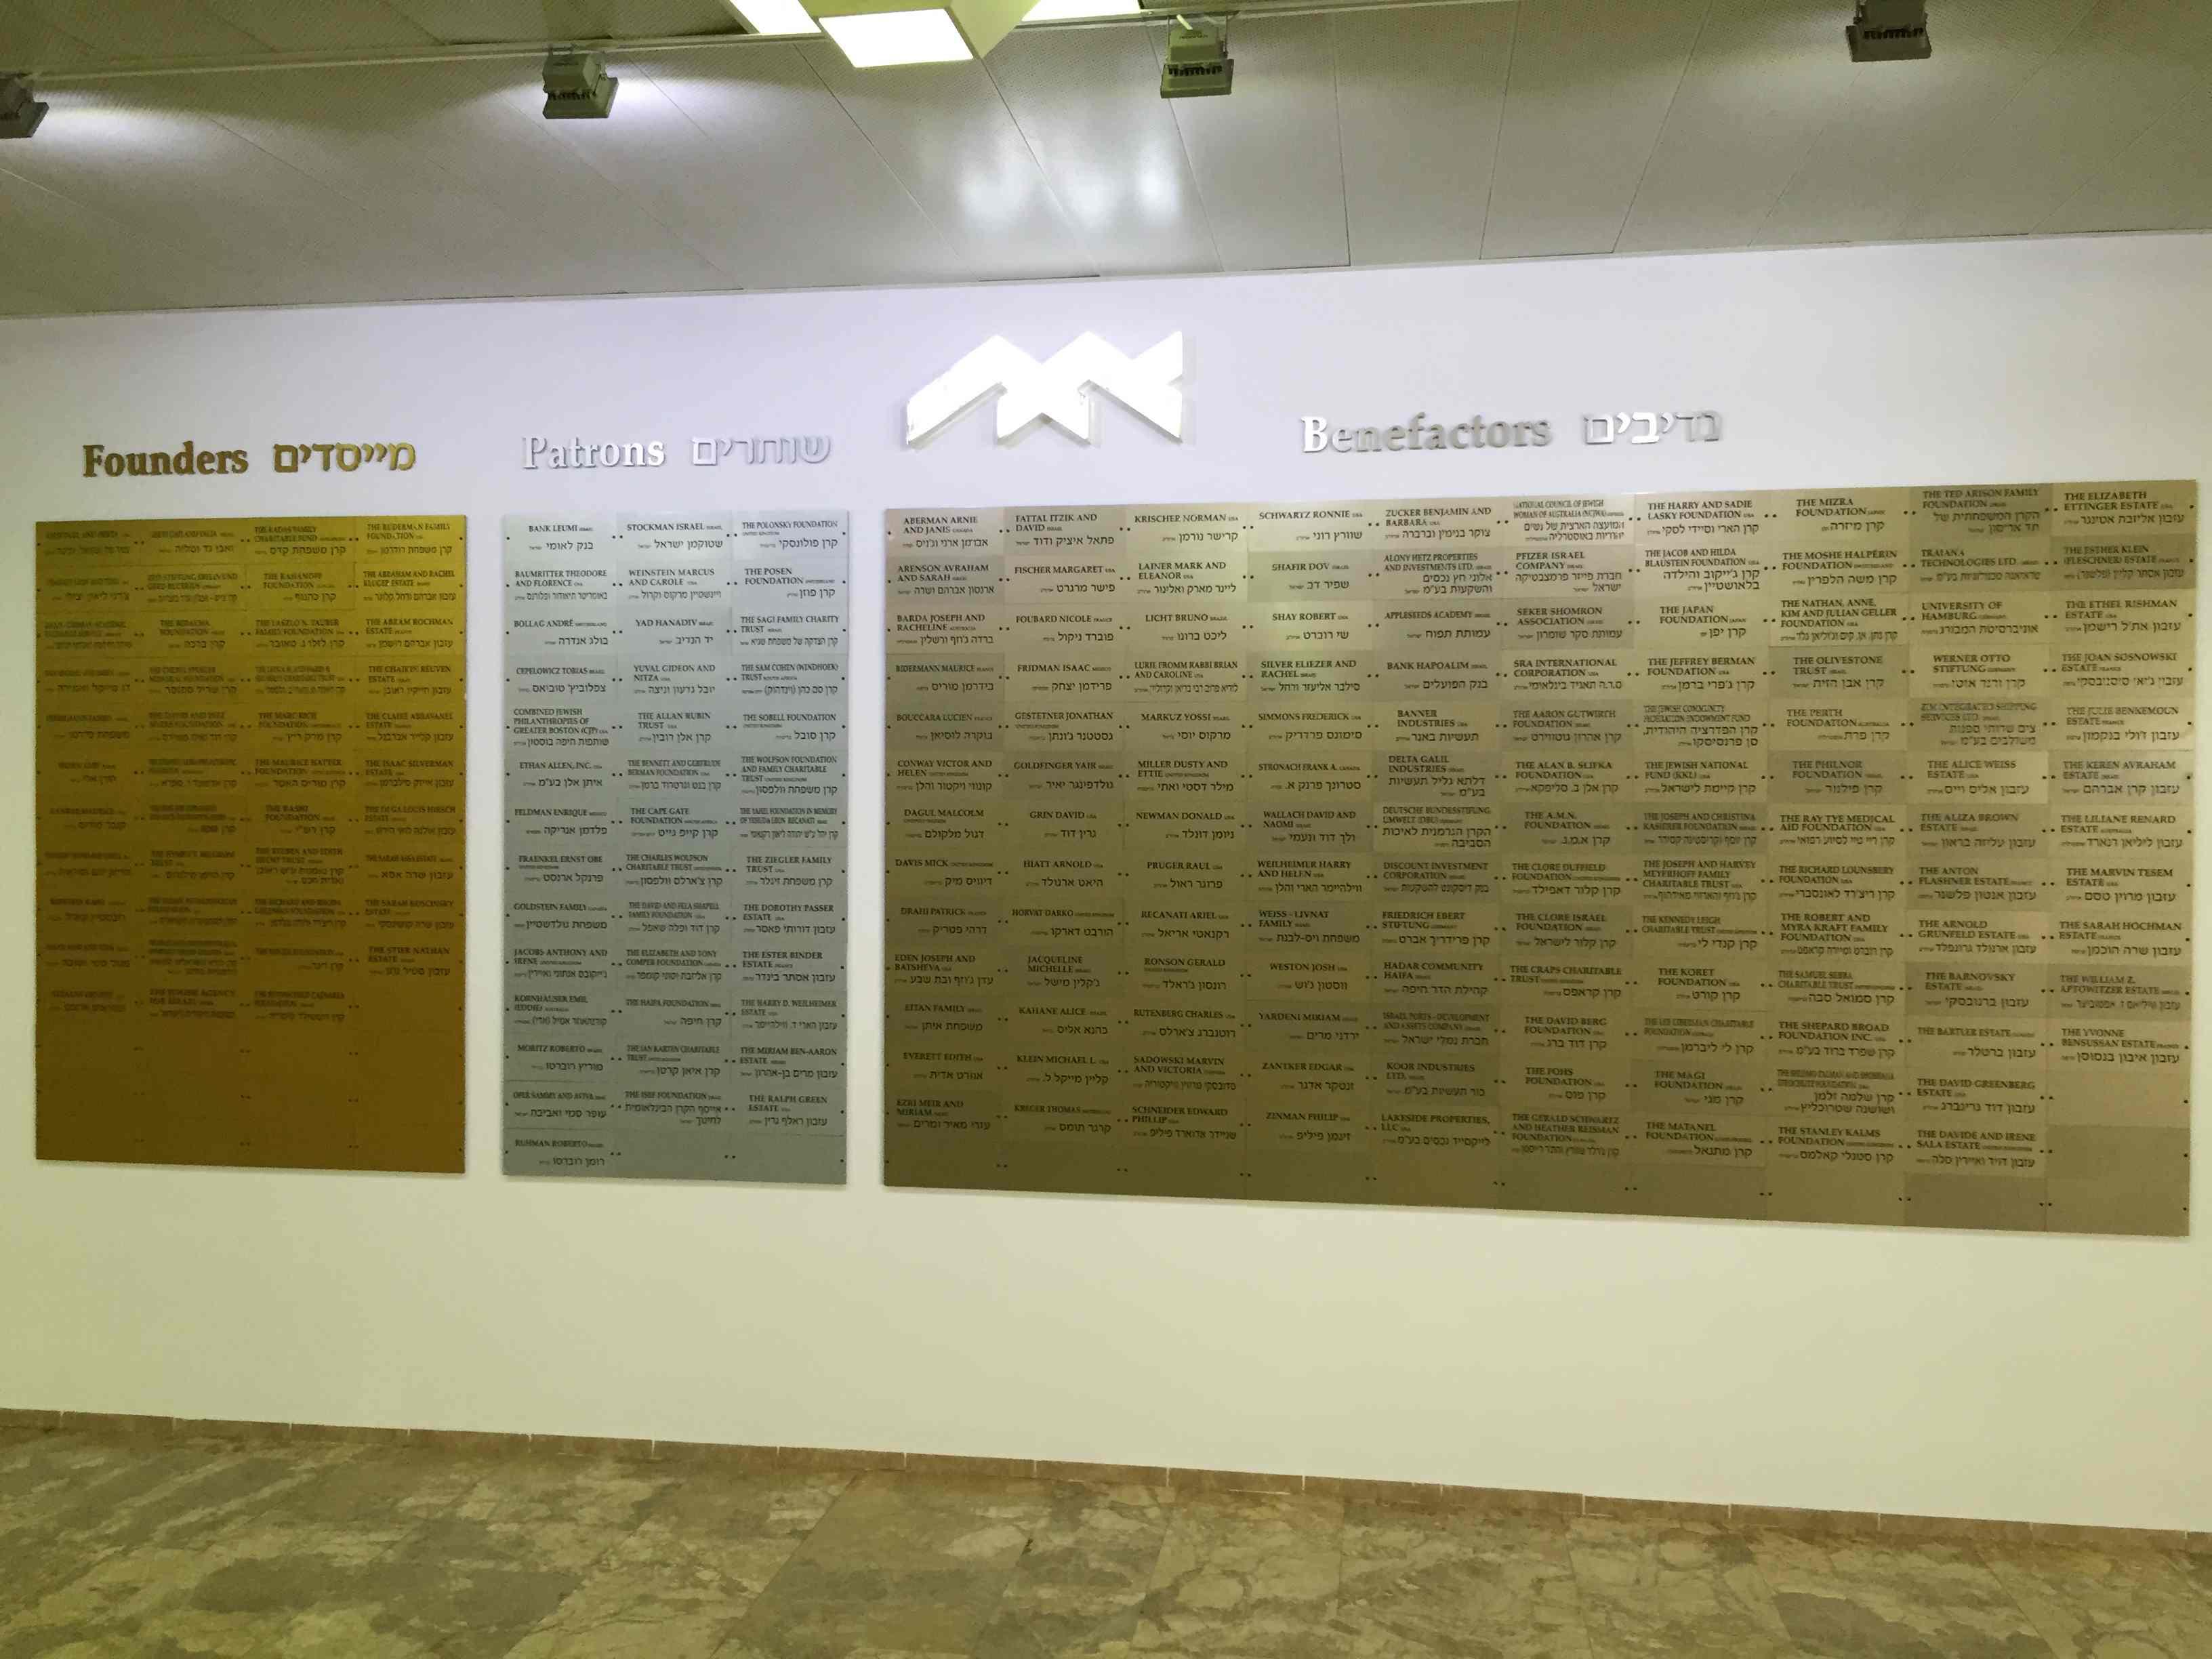 קיר התורמים באוניברסיטת חיפה